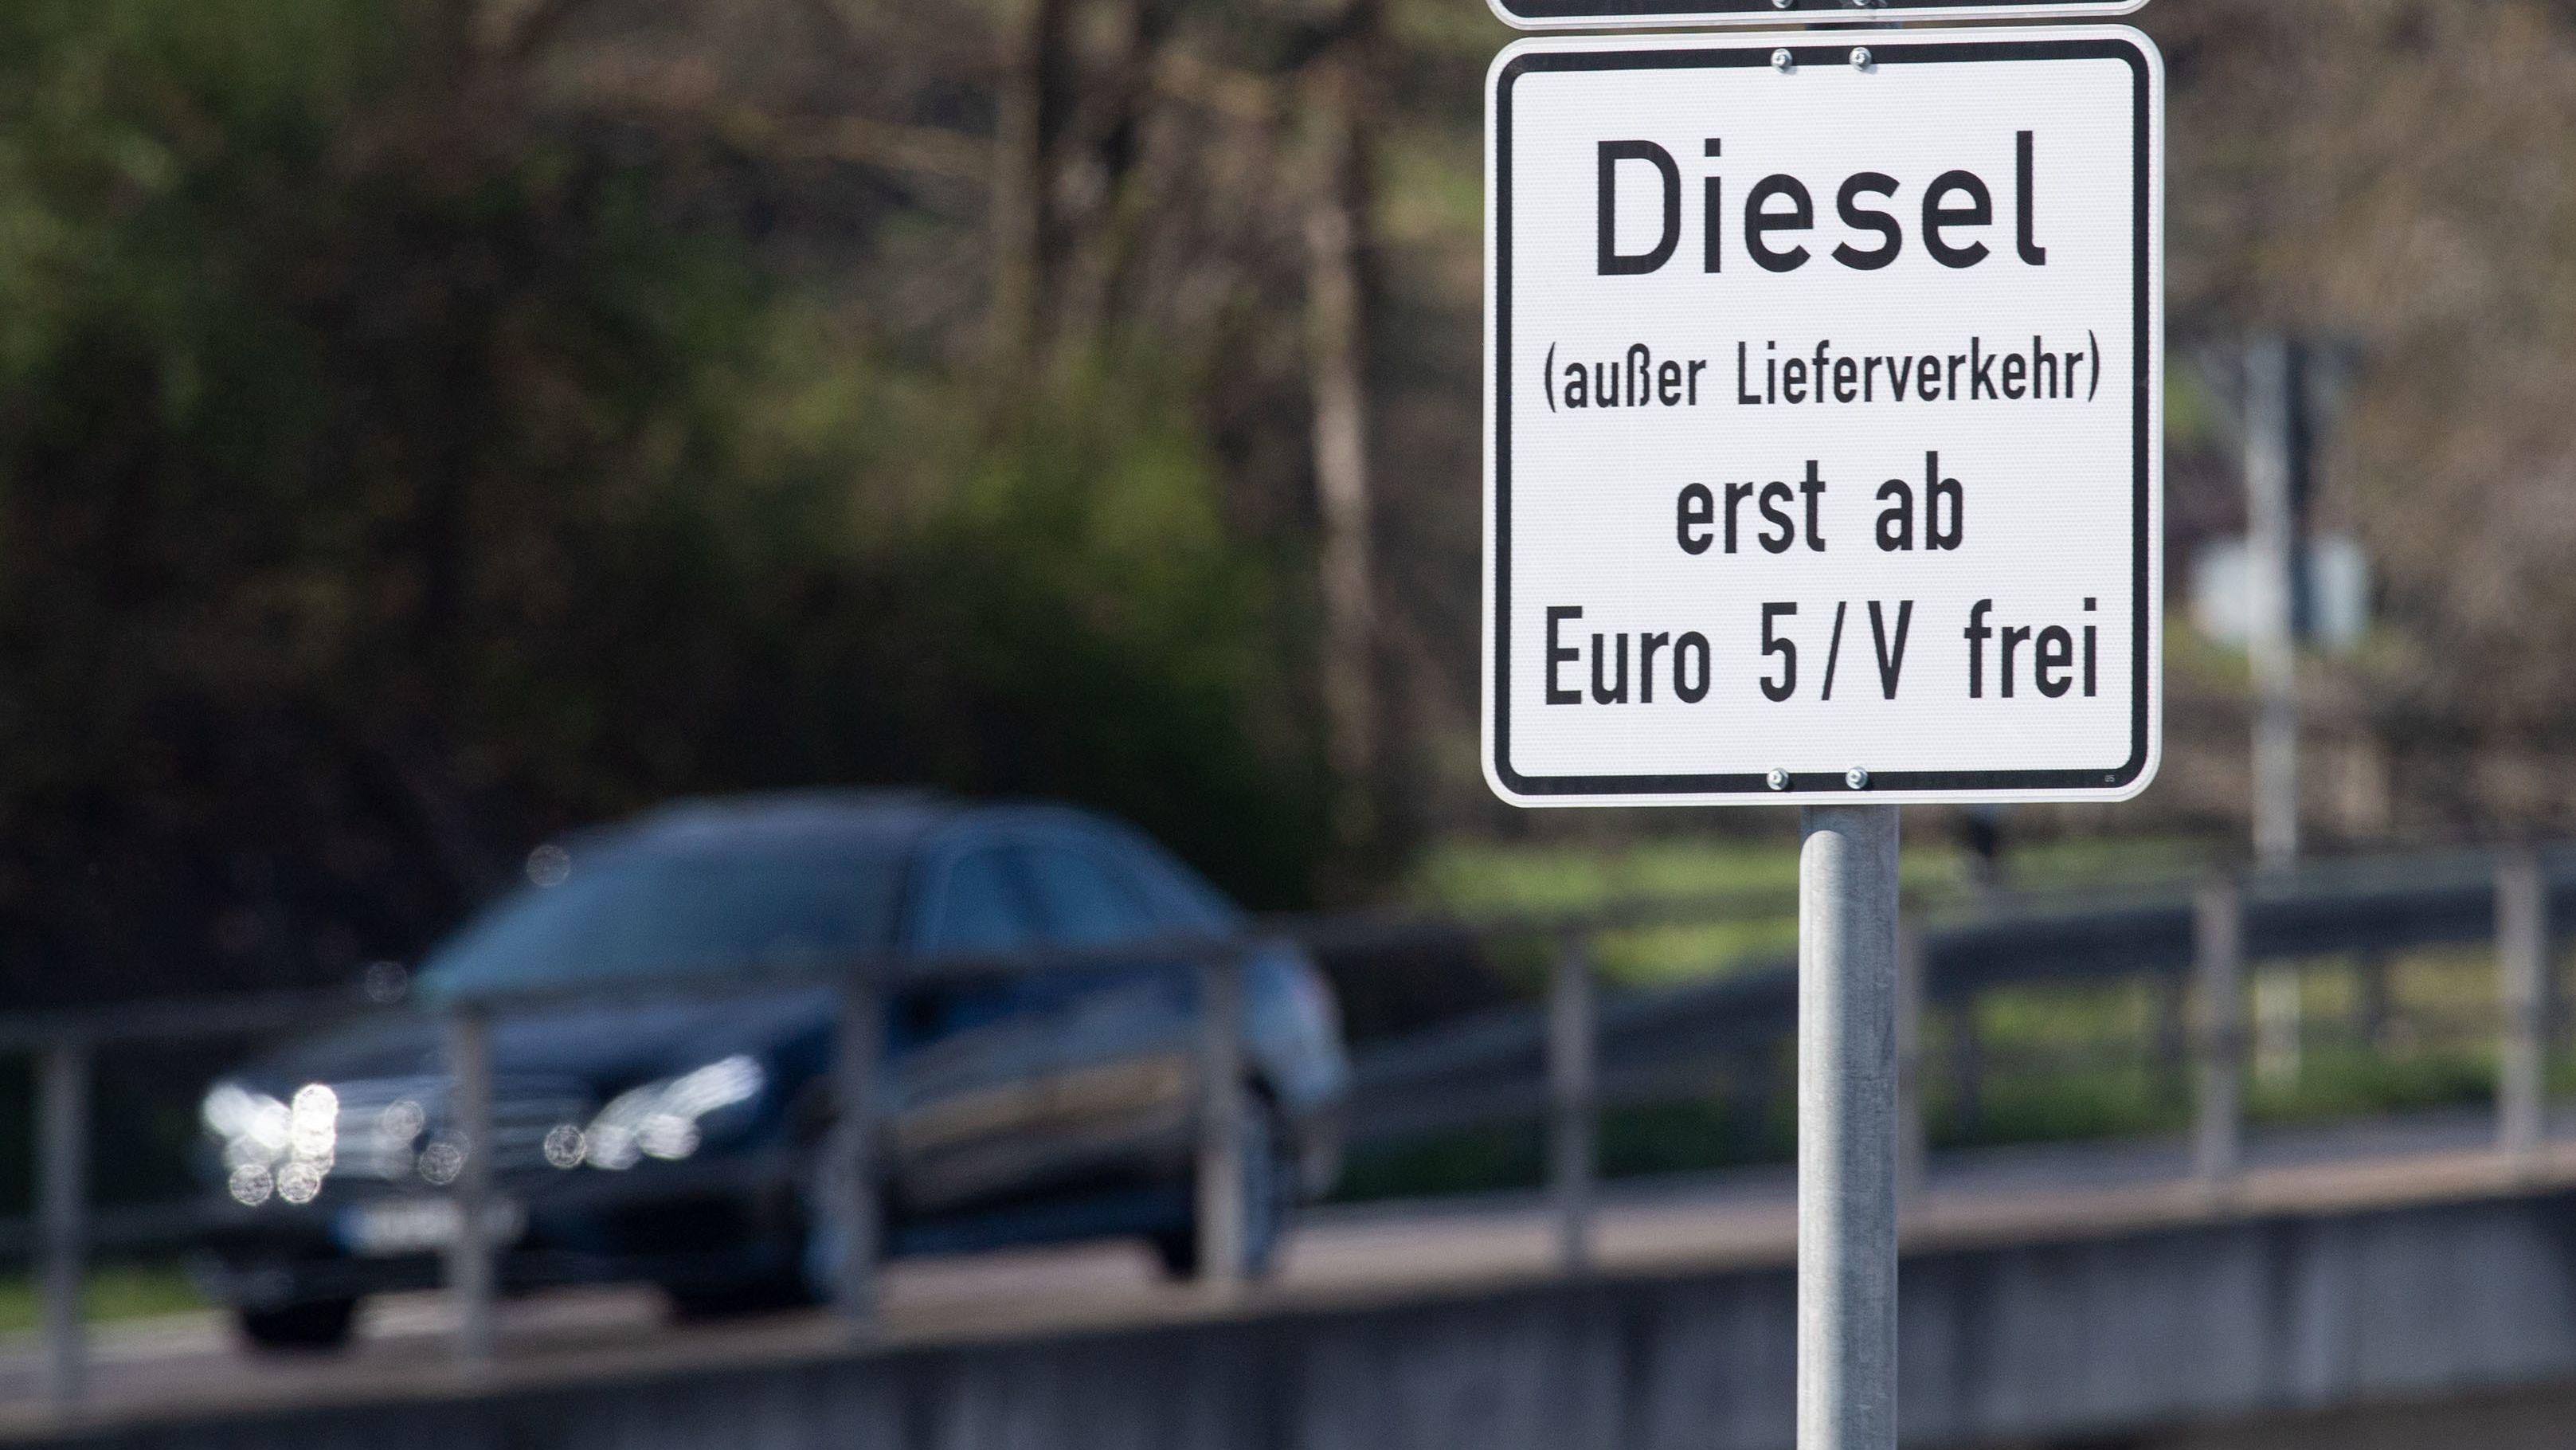 Stuttgart, 29. März 2019: Ein Schild weist auf das Diesel-Fahrverbot für Dieselfahrzeuge unter Euro 5 hin.